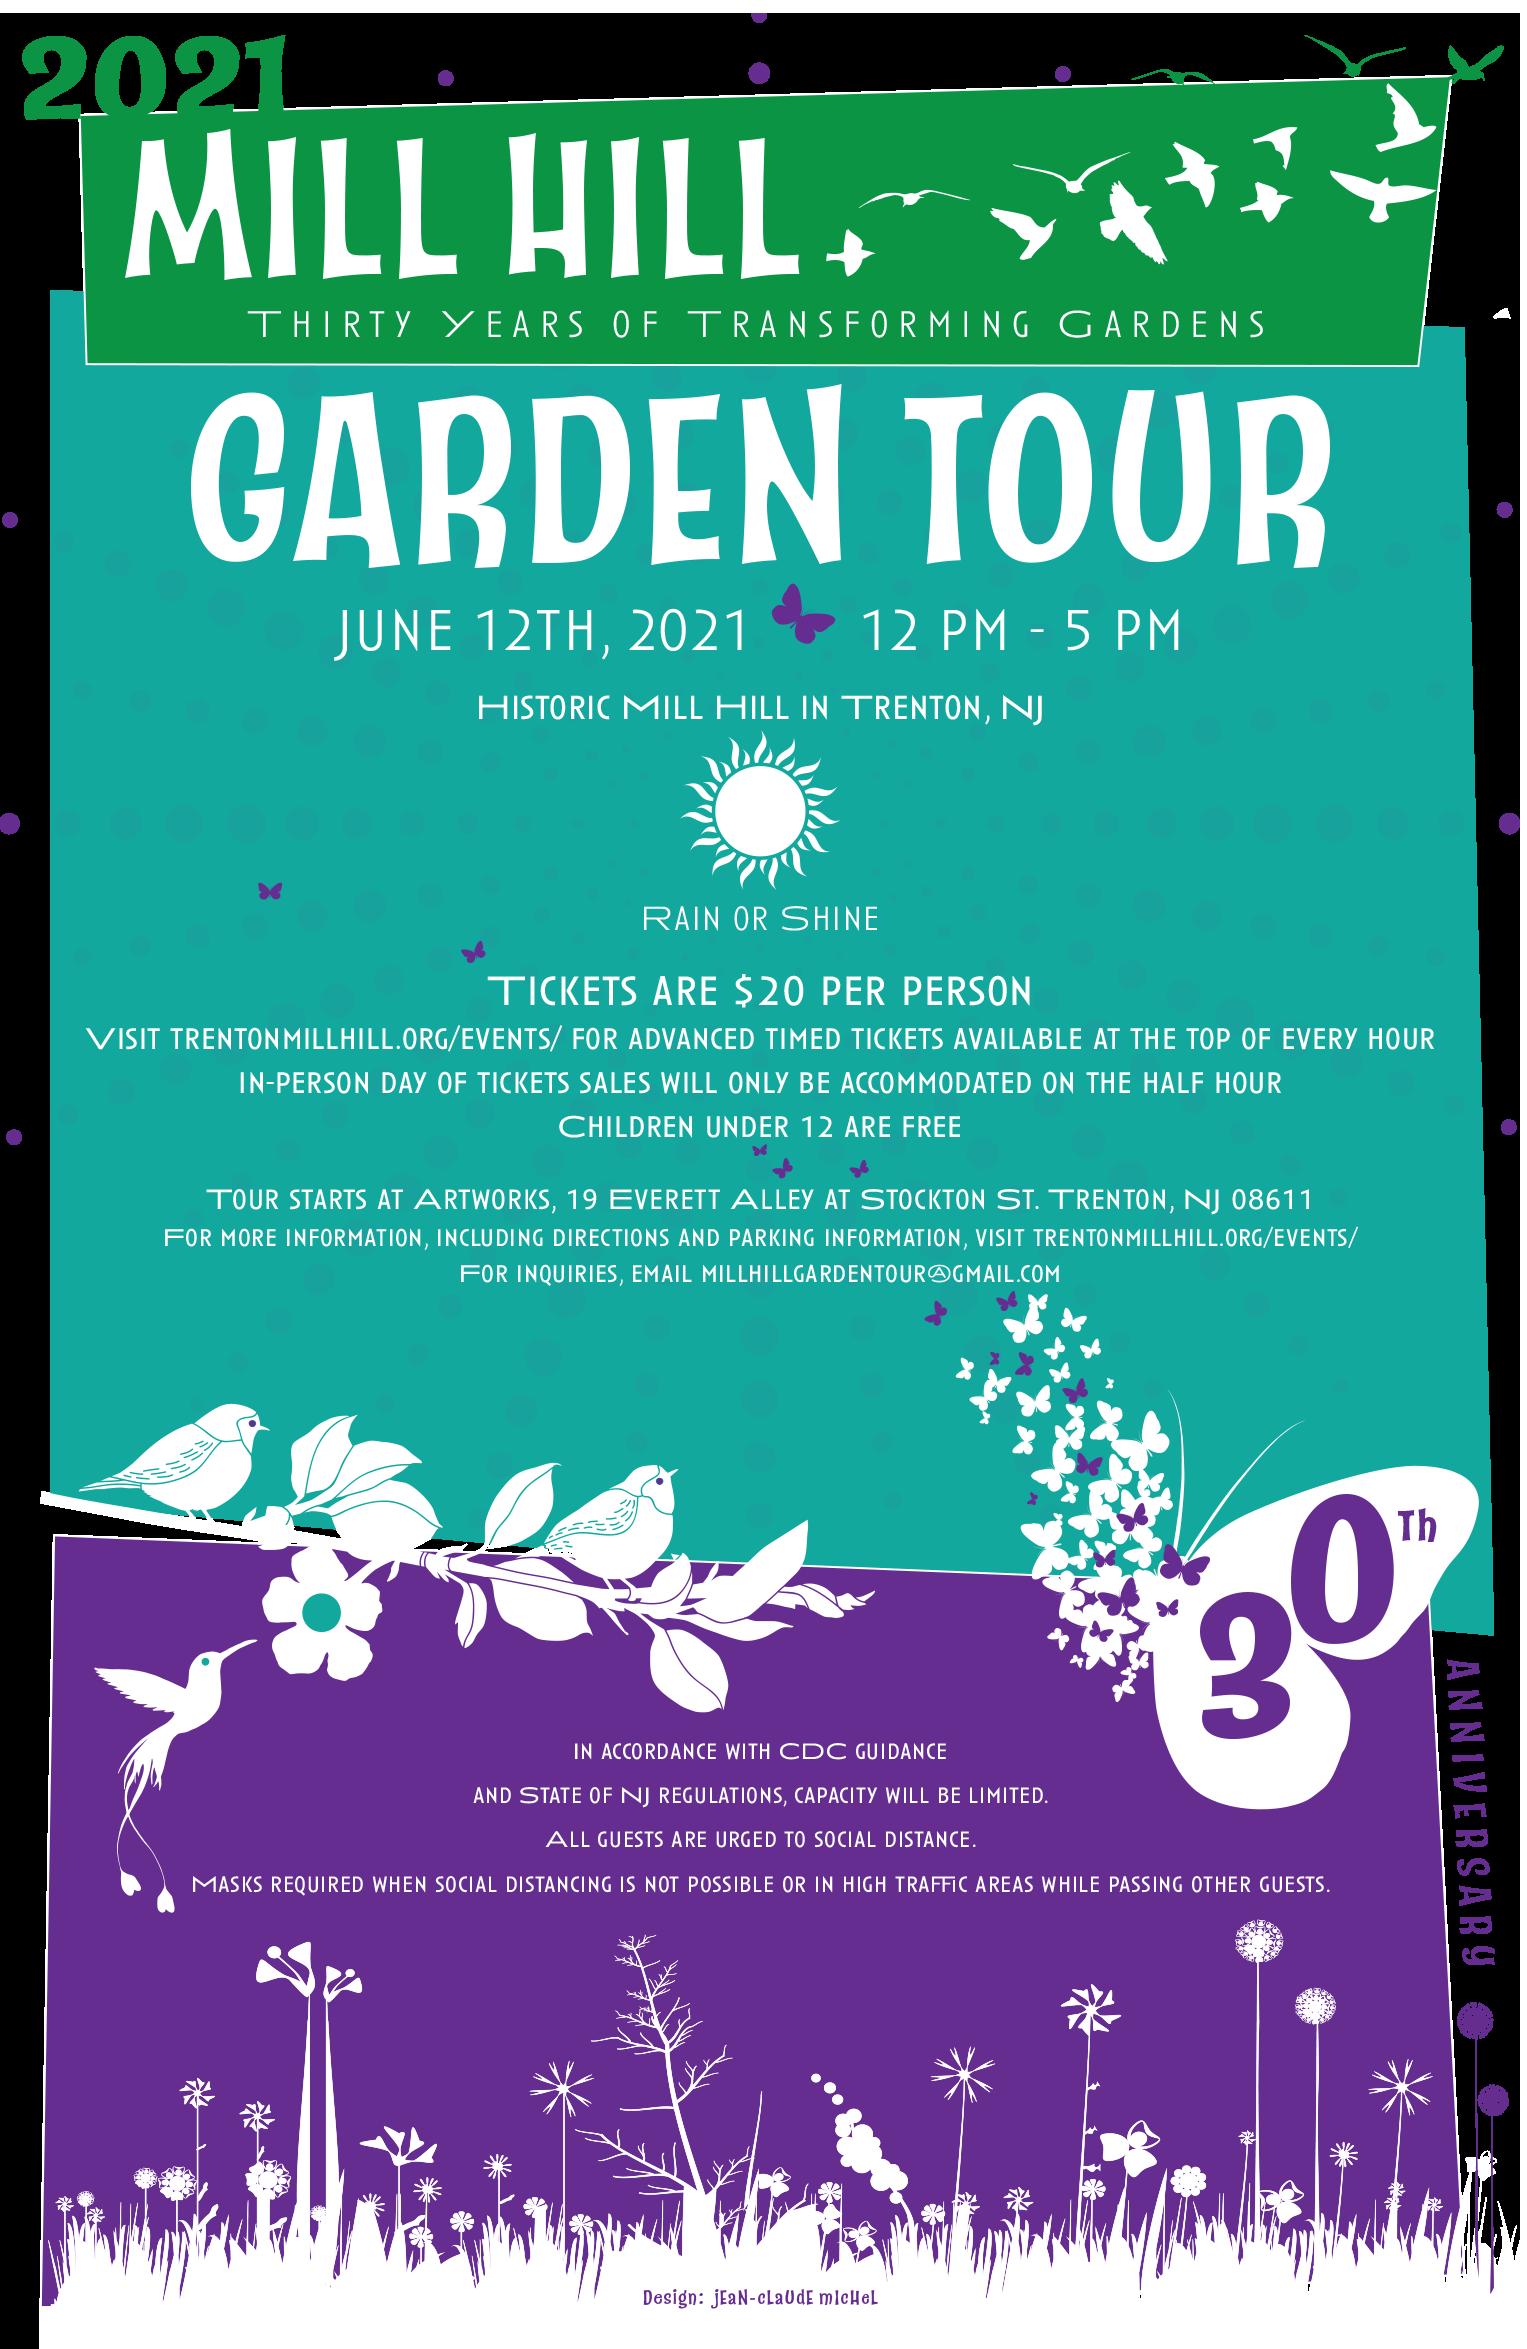 30th Annual Mill Hill Garden Tour